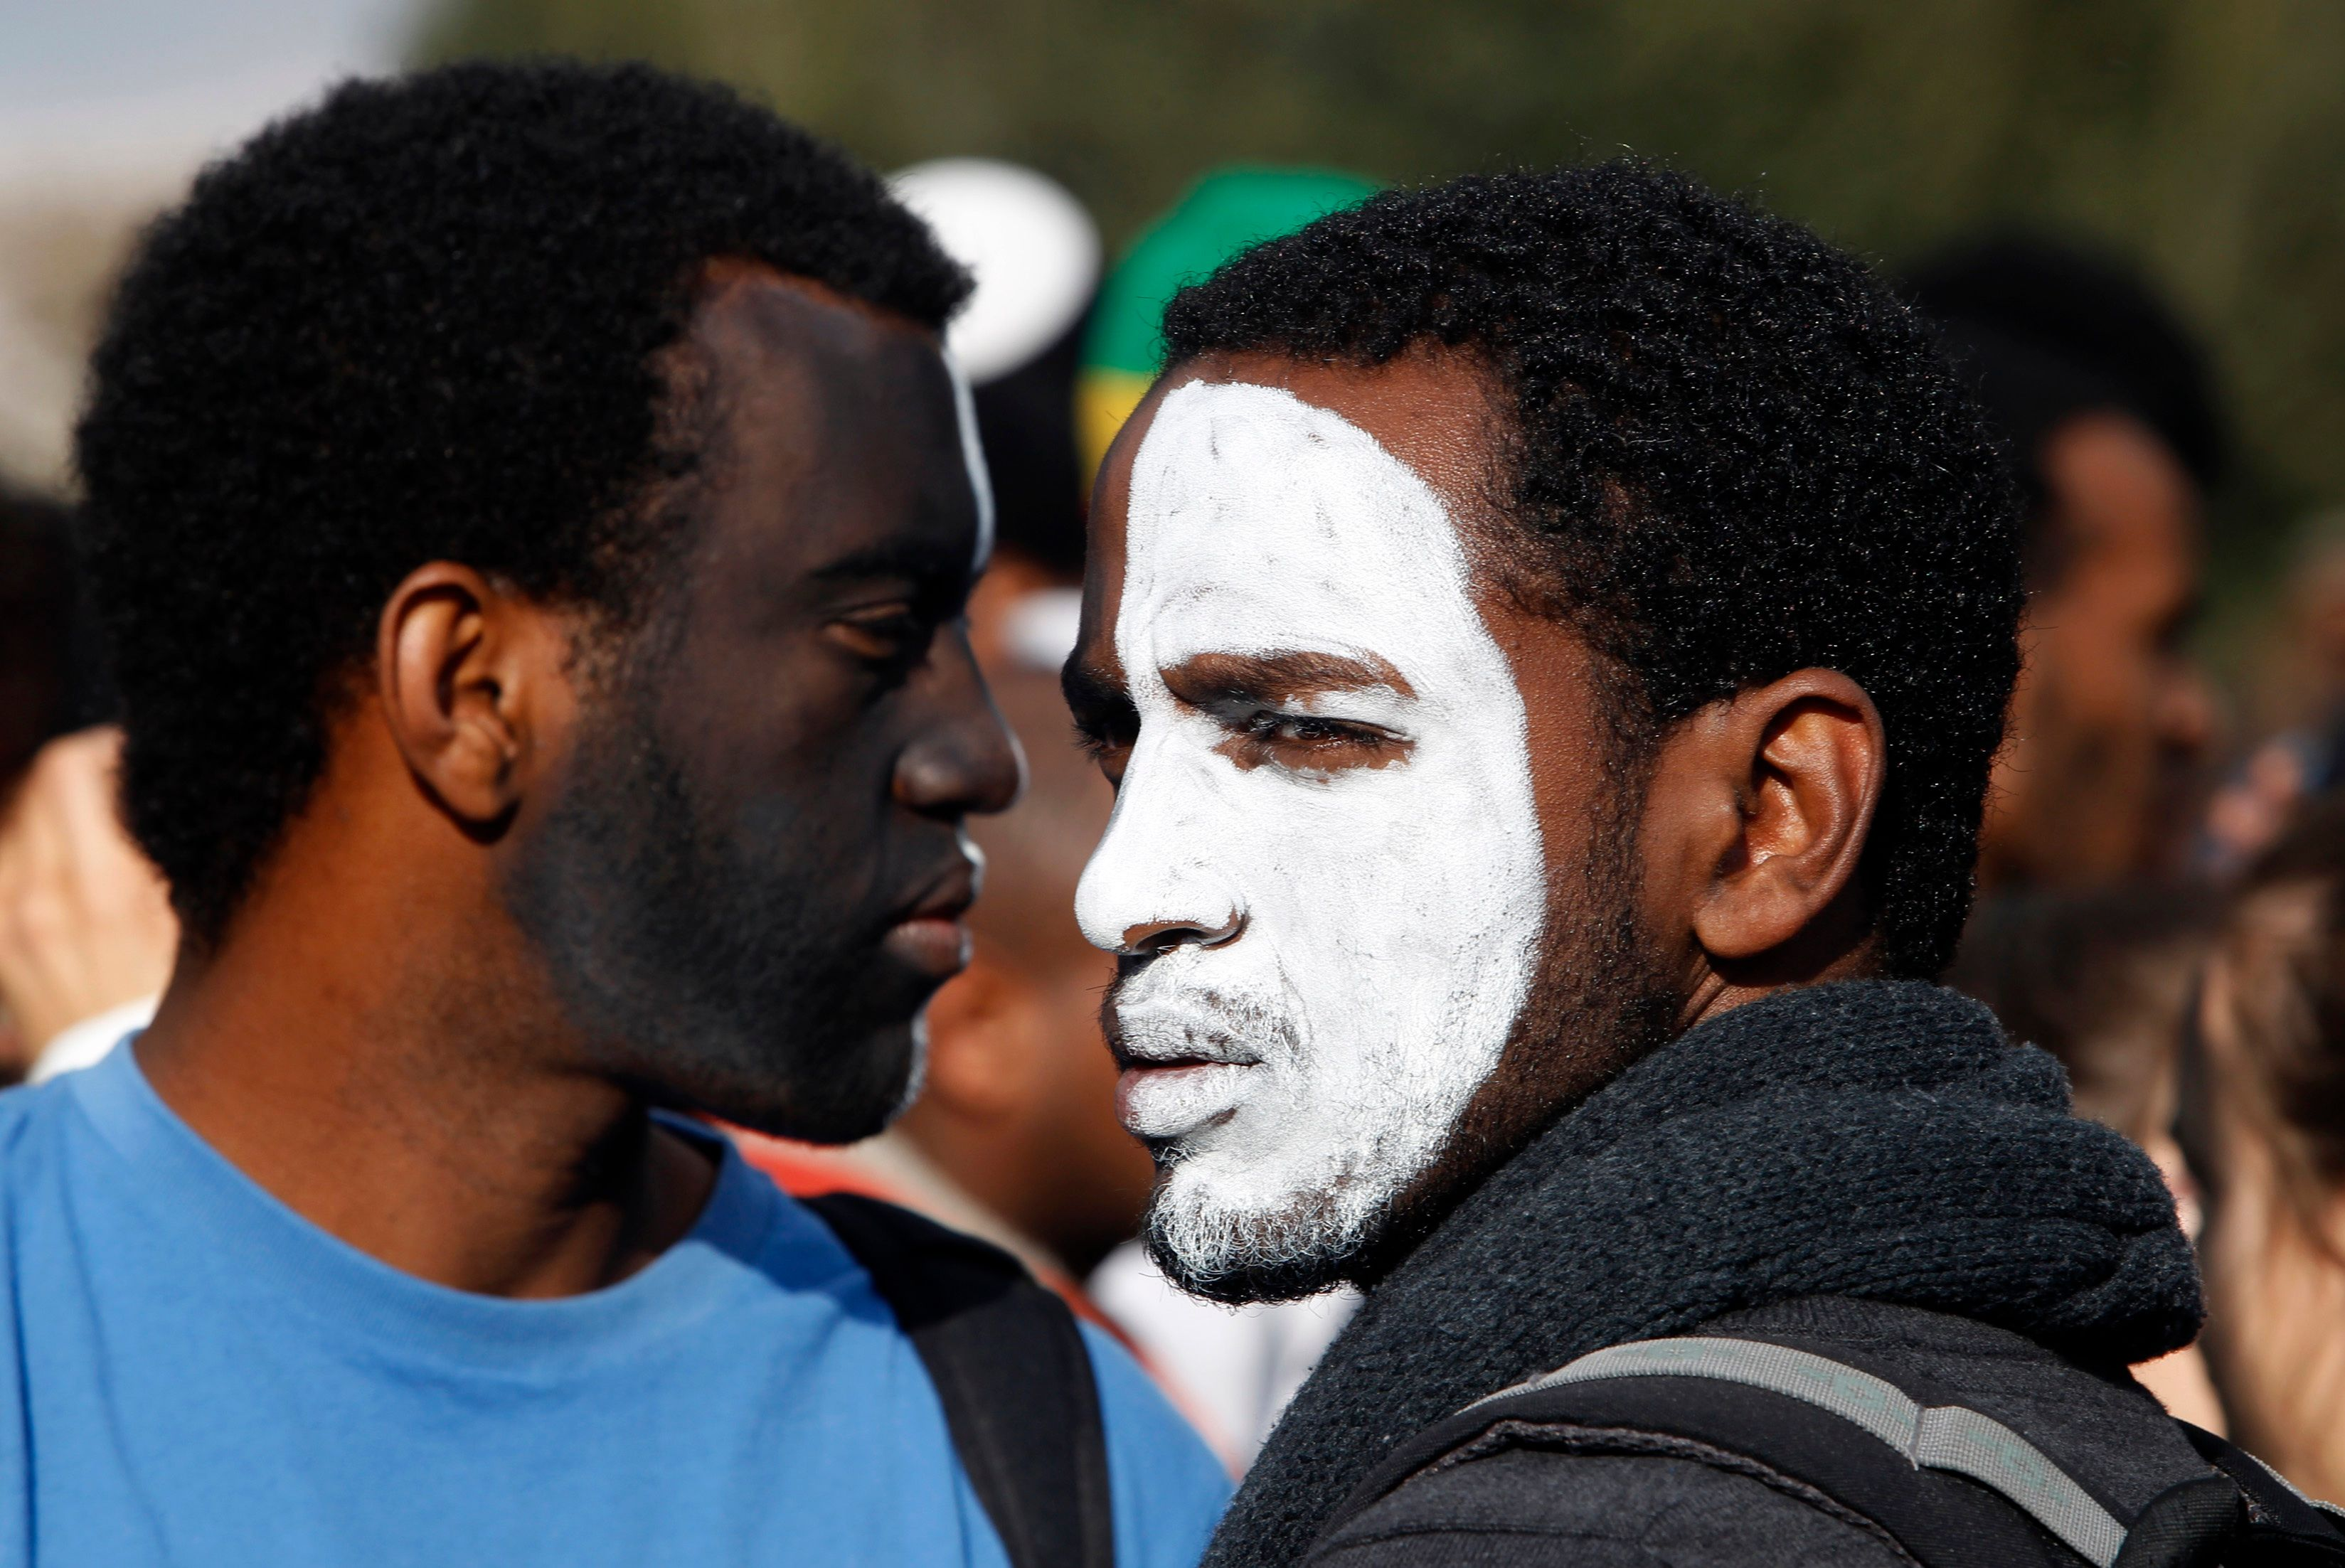 Pourquoi nier l'existence du racisme anti-blancs en prouve en fait l'existence